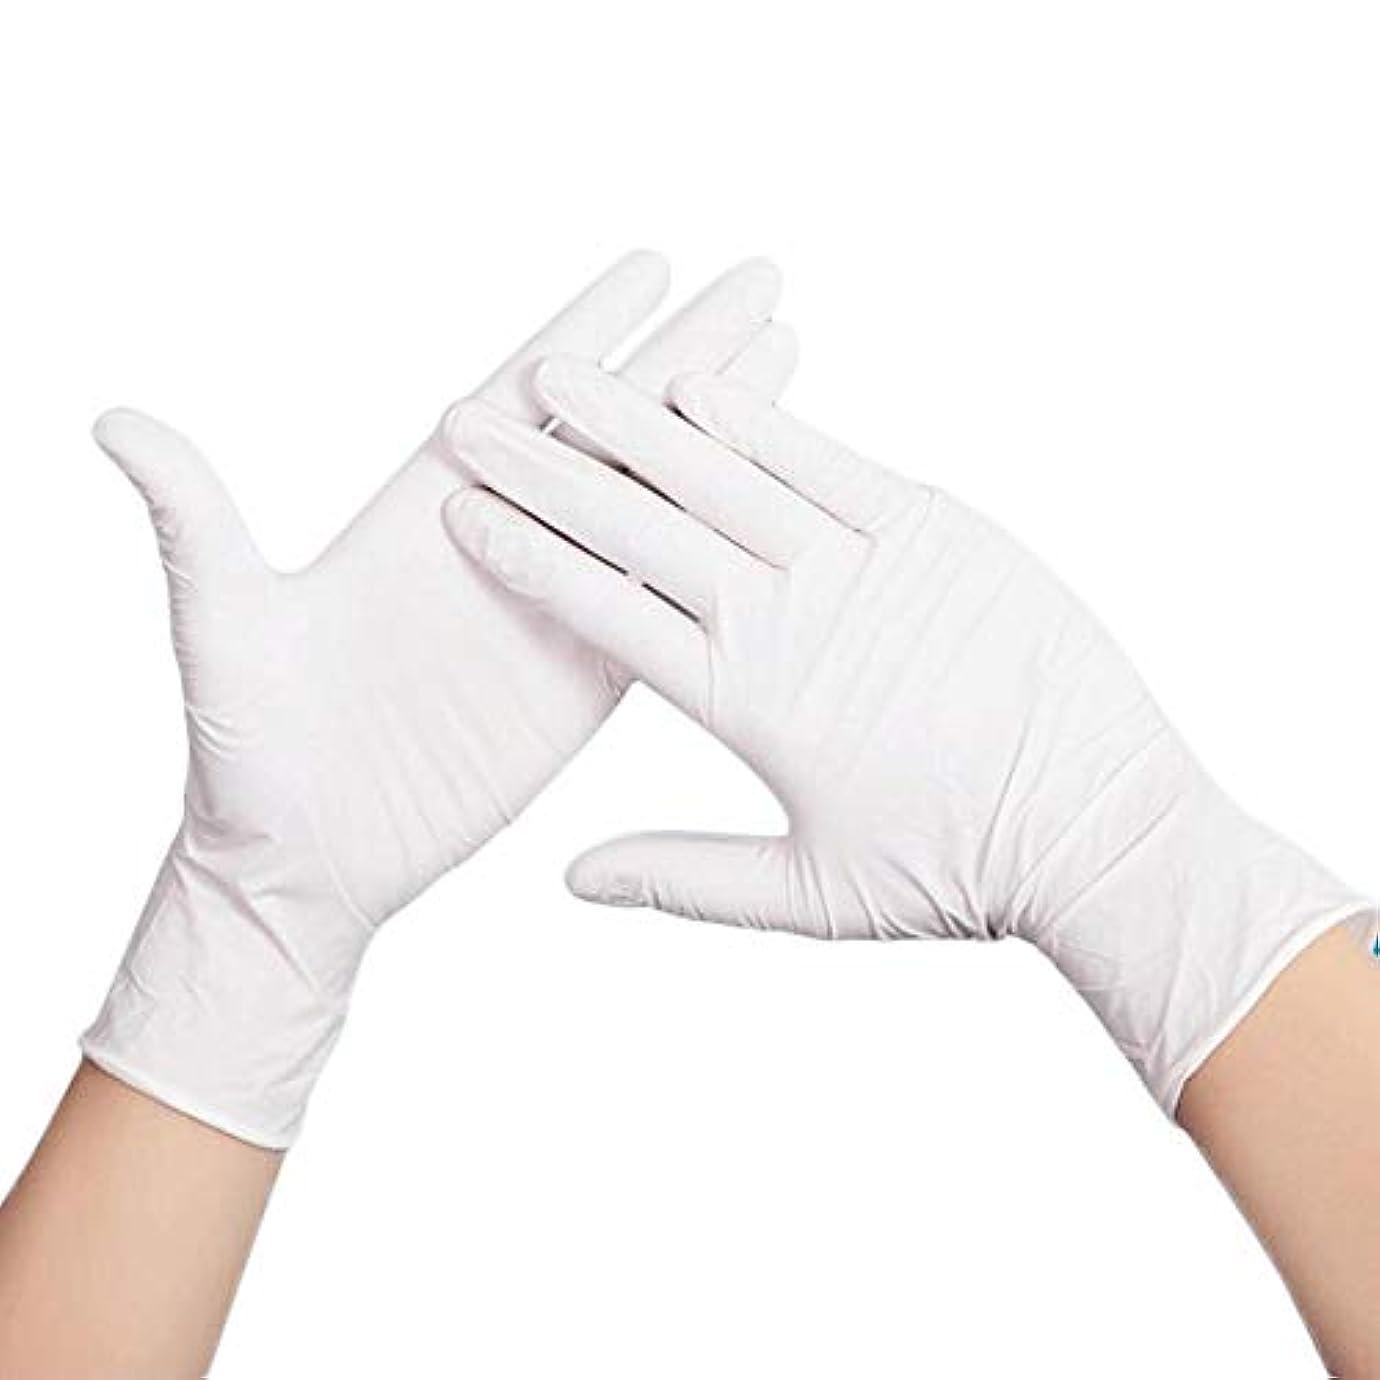 雷雨エキゾチックそのような乳白色の11インチの使い捨て可能な粉体検査ゴムラテックス手袋 - 着用が簡単で快適なフィット YANW (色 : A, サイズ さいず : M m)